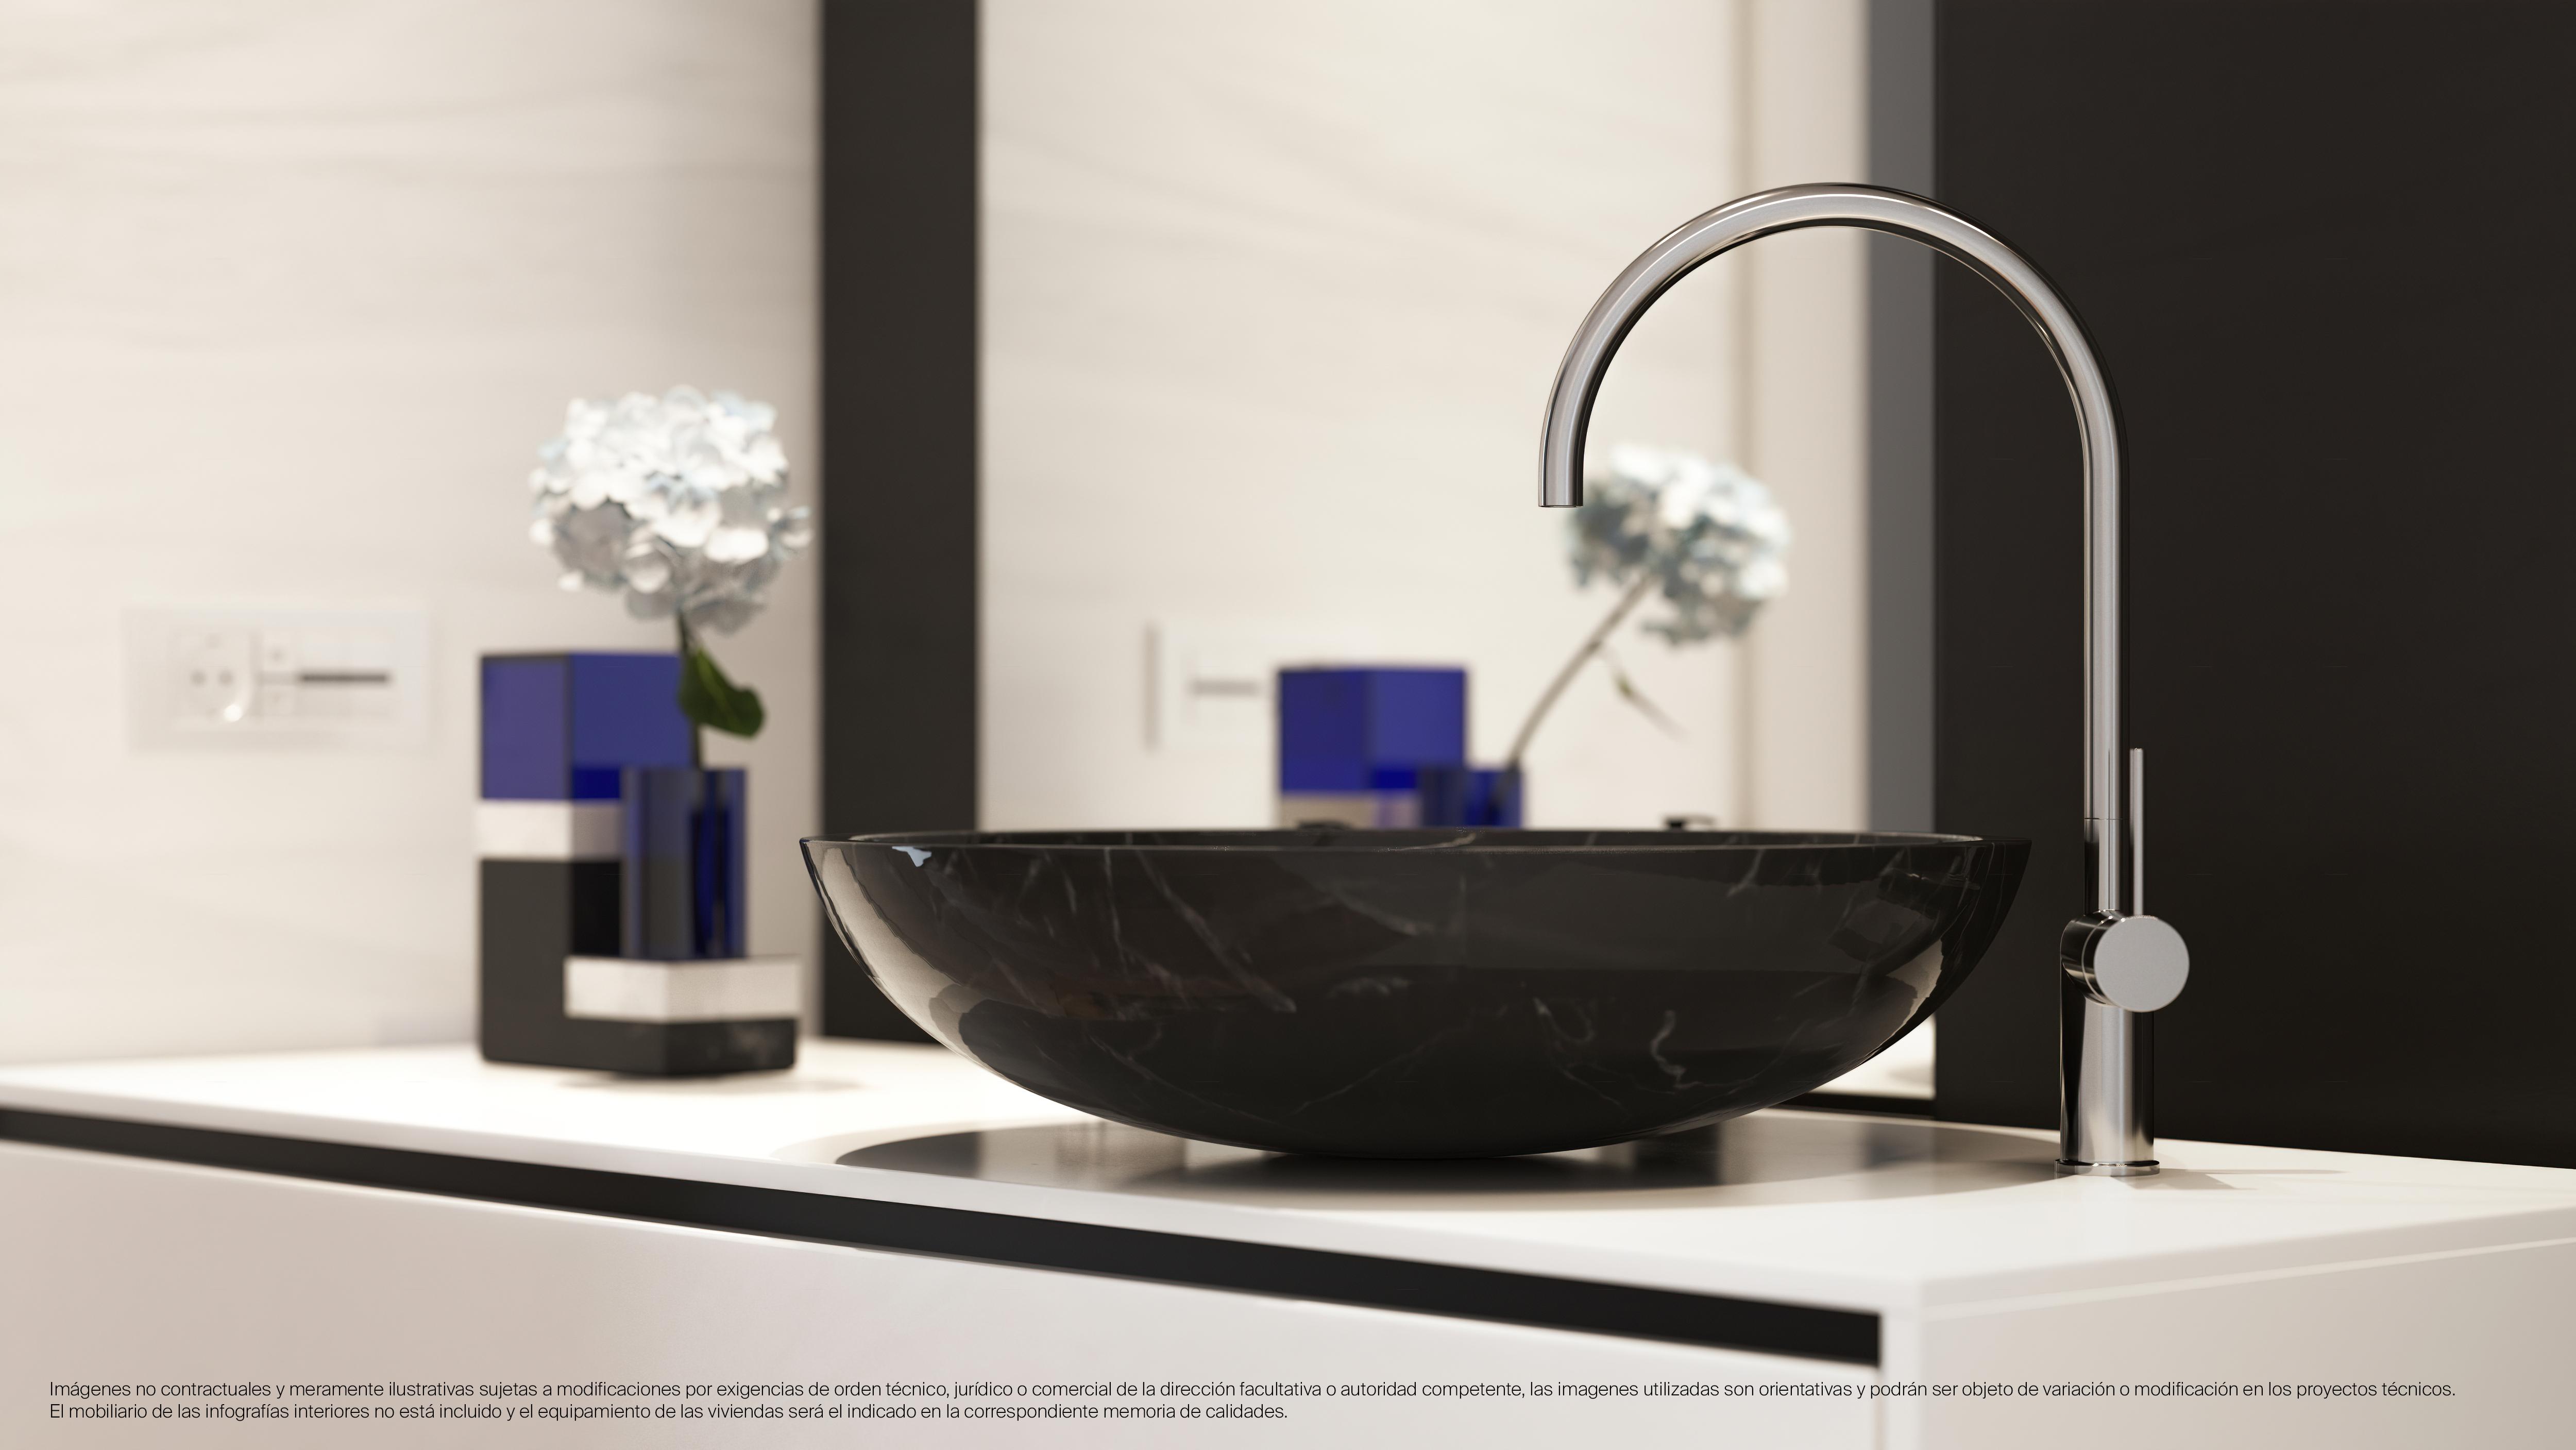 Detalle de las calidades del baño